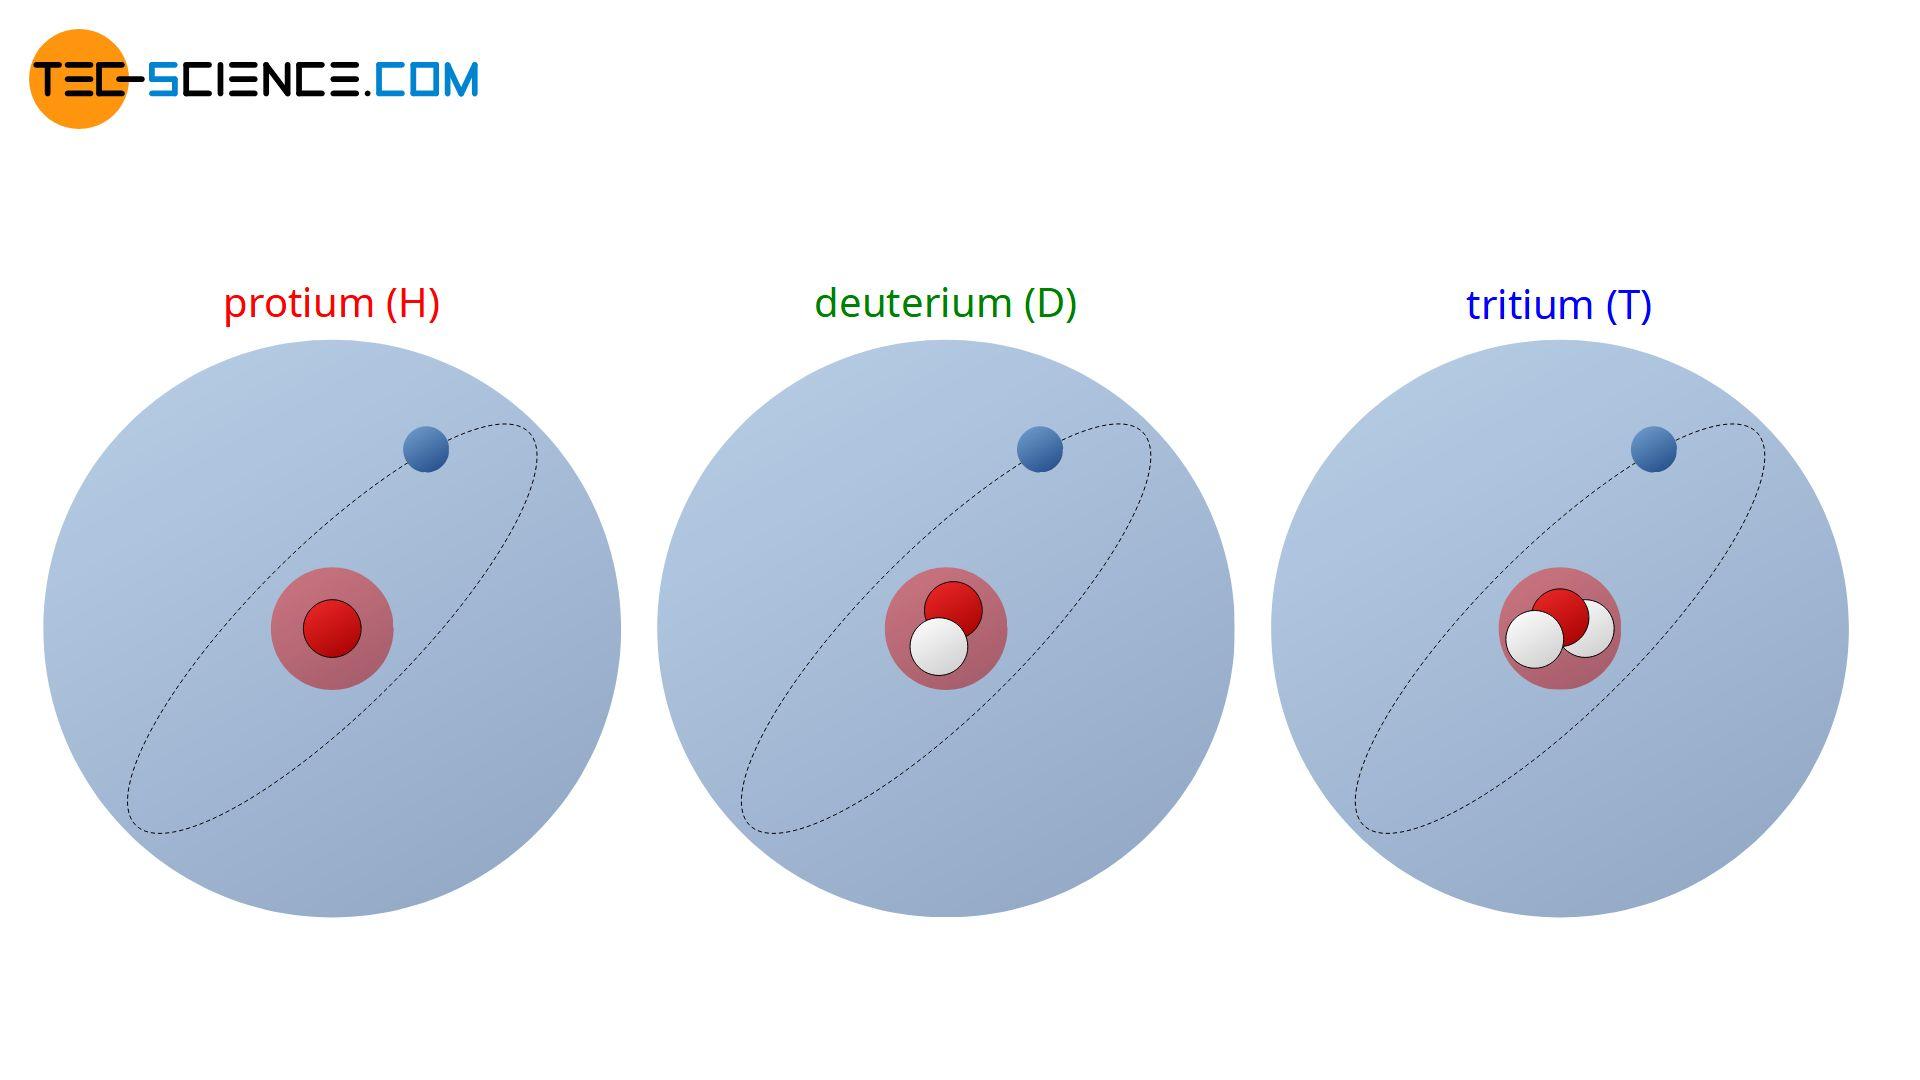 Isotopes of hydrogen (protium, deuterium, tritium)